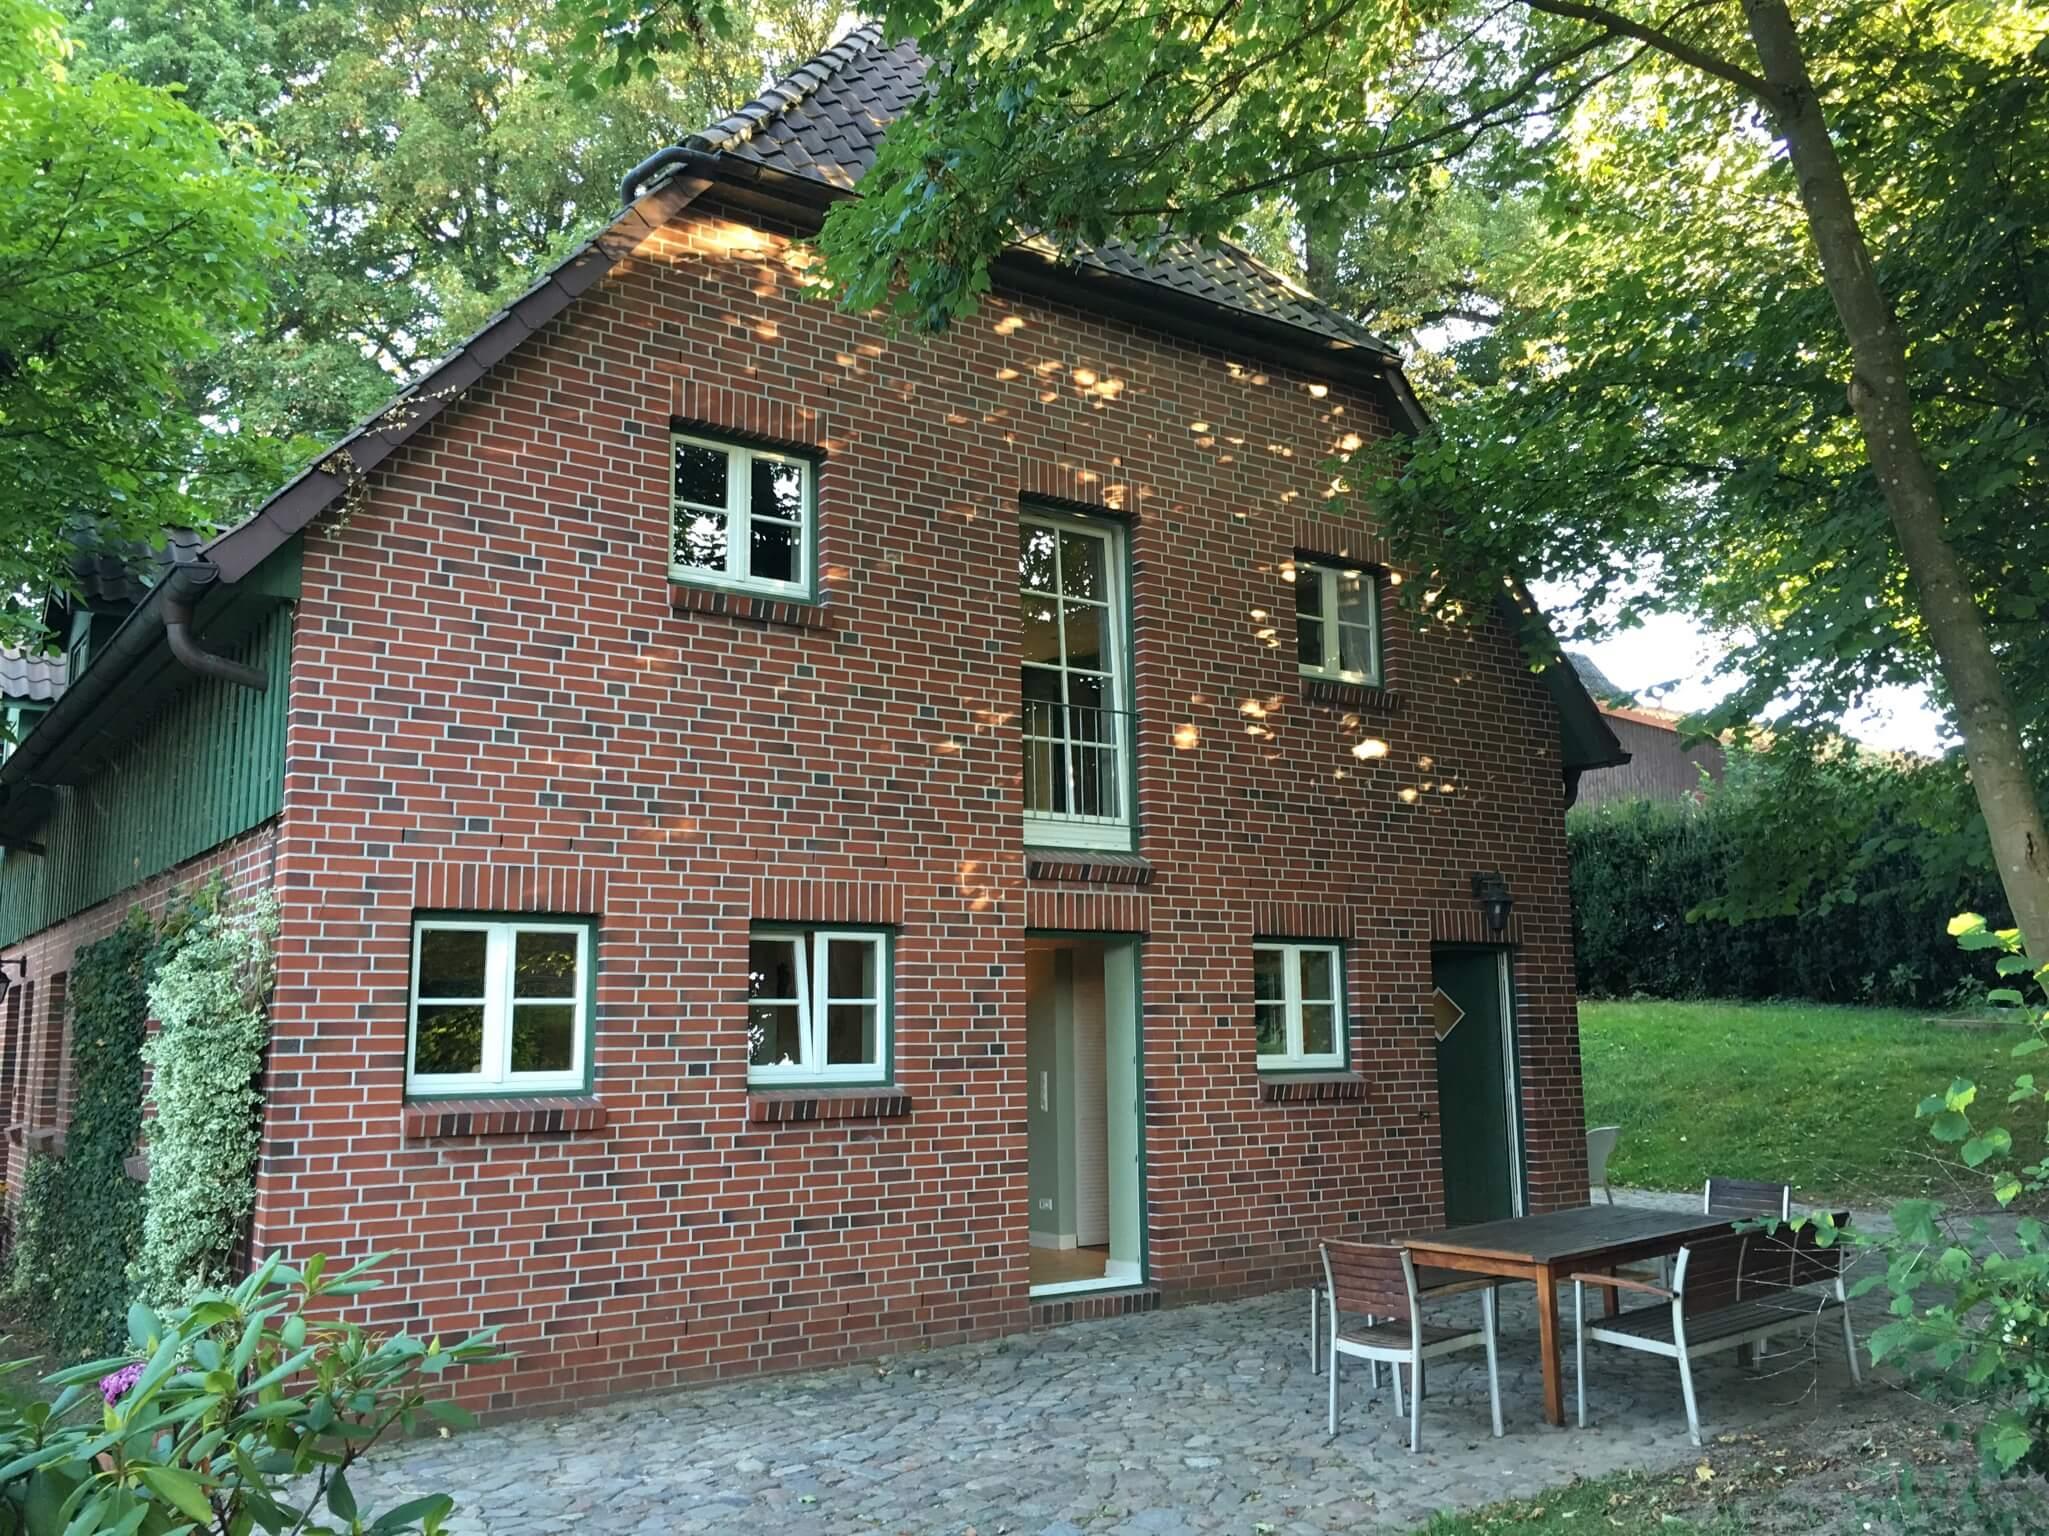 Ferienwohnungen Max und Moritz mit Terrasse auf dem Ferienhof in der Lüneburger Heide